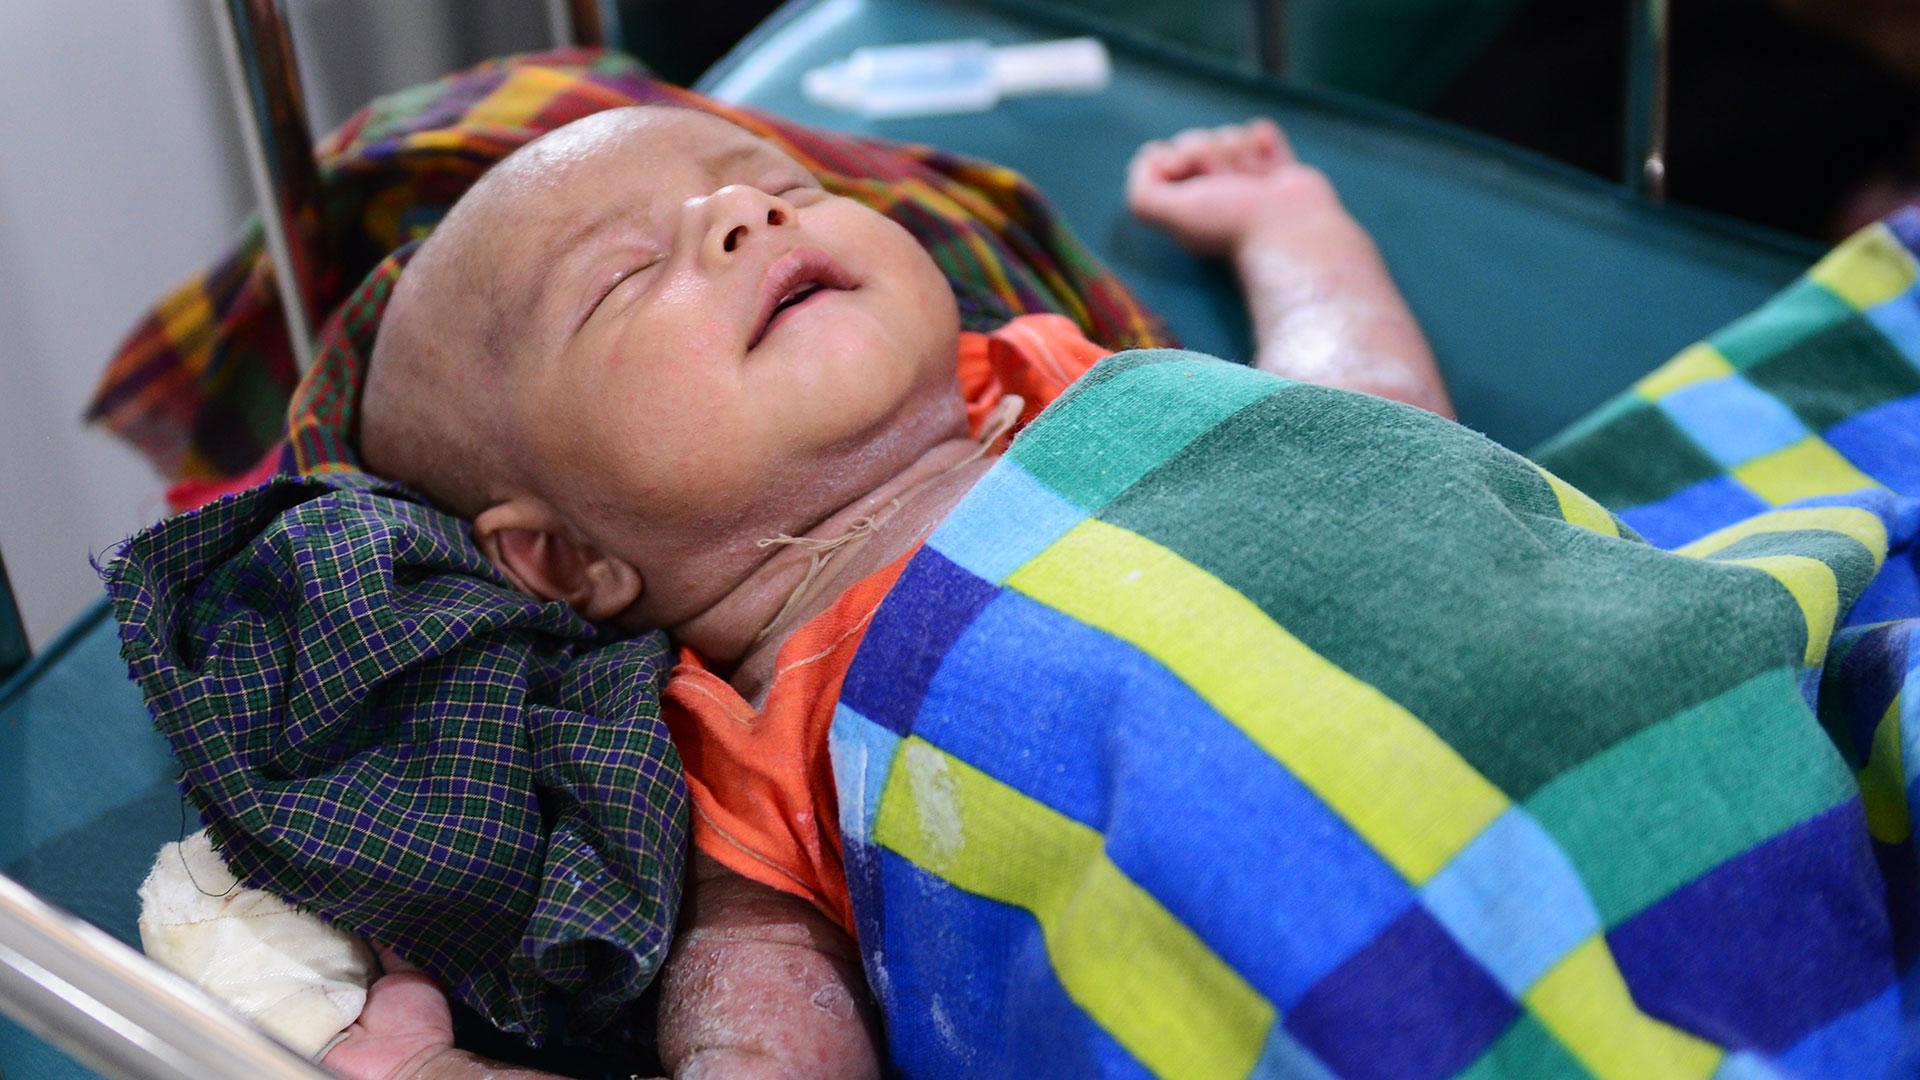 Muchas buscaron terminar su embarazo, opción que es legal en Bangladesh hasta la semana 12 de gestación. Pero muchas veces los abortos se realizan por cuenta propia, en condiciones insalubres, y en menores de edad